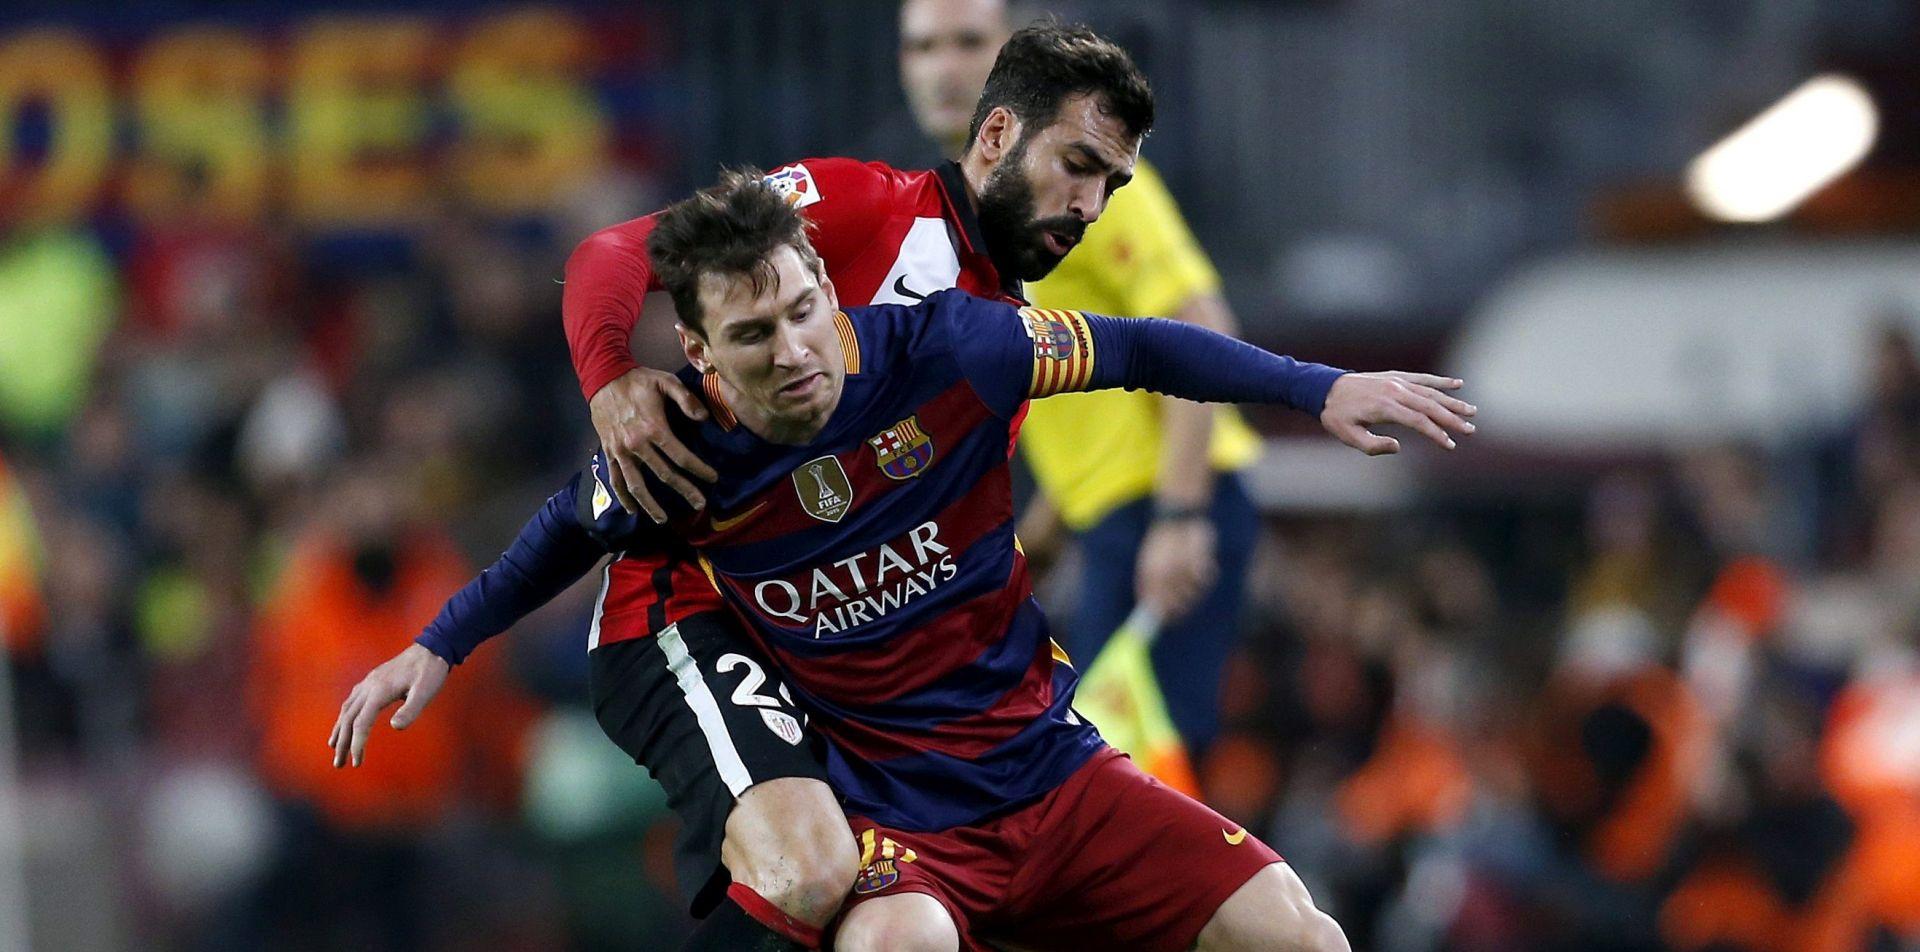 KUP KRALJA Barcelona bolja od Athletica, Celta izbacila Atletico